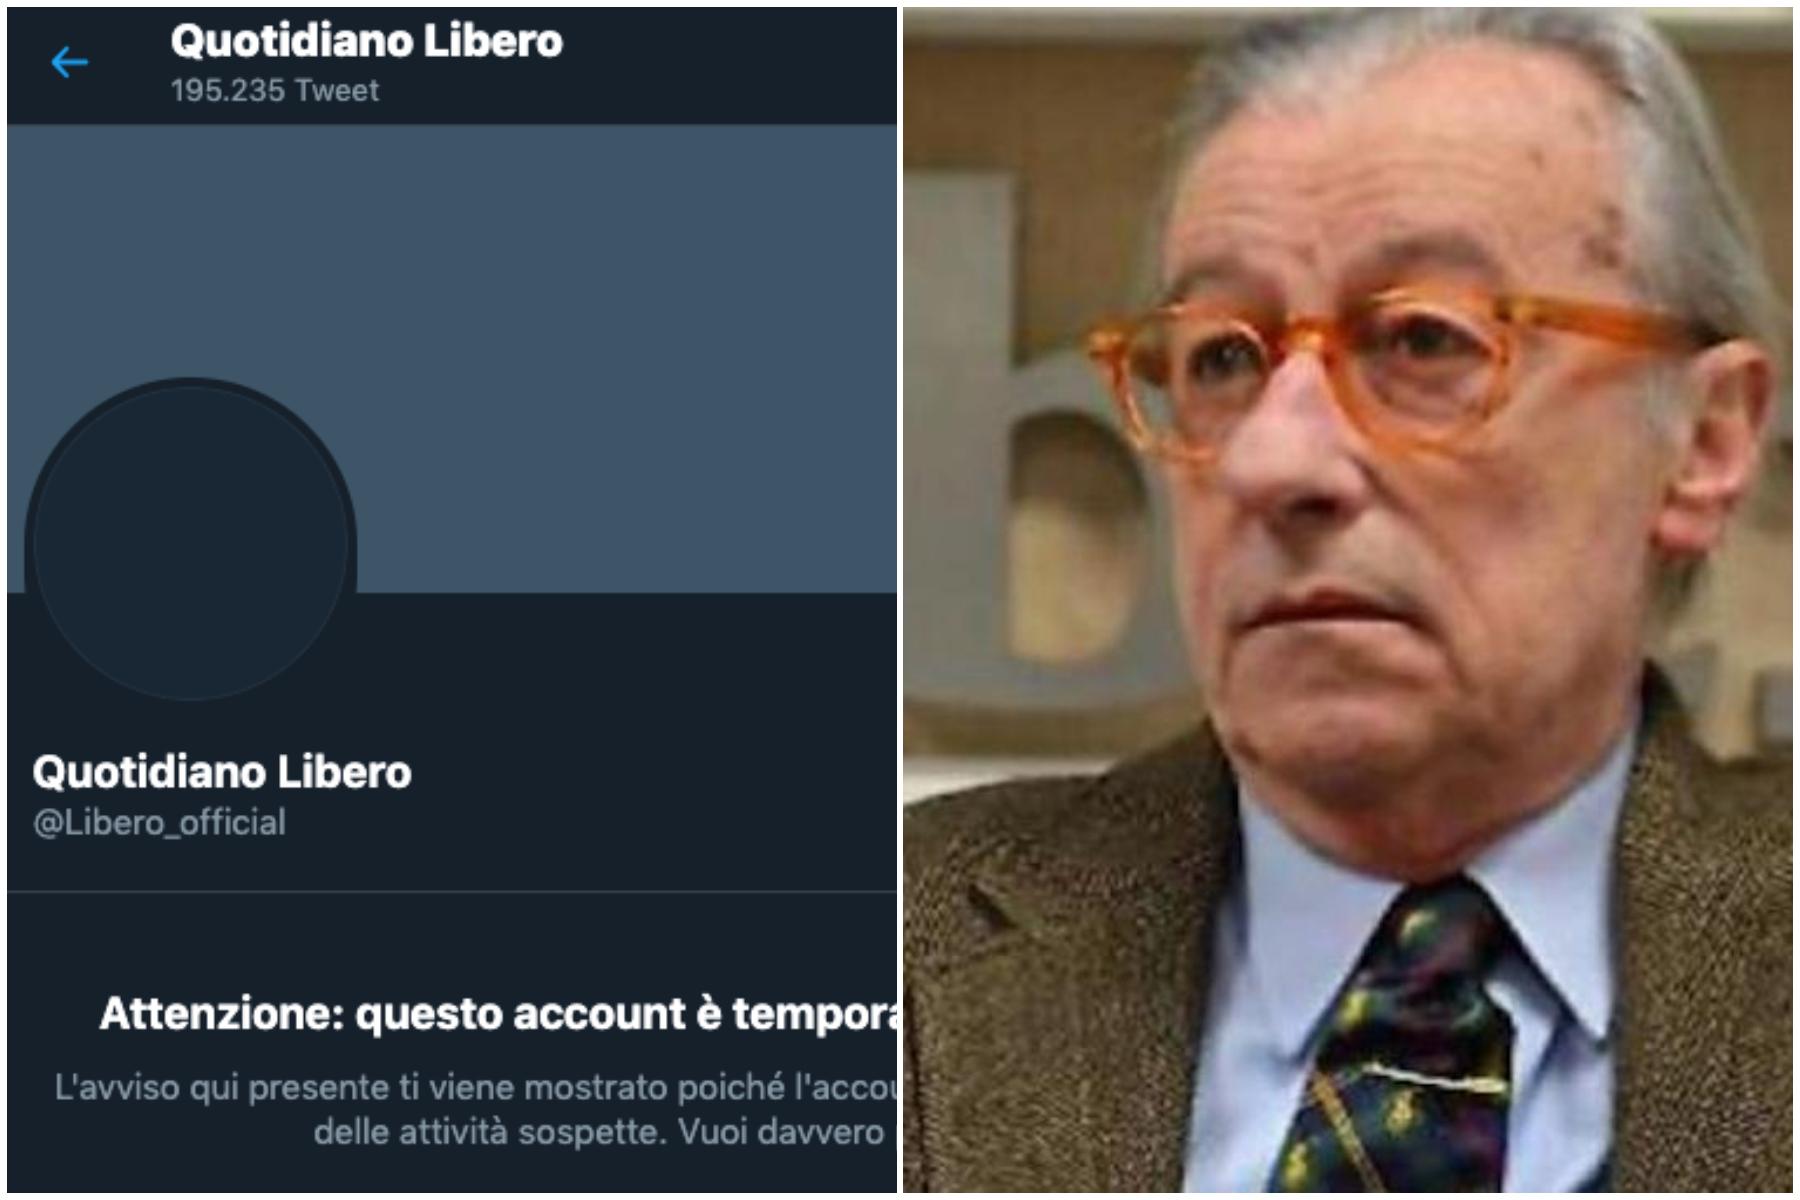 """perche-twitter-censura-libero,-vittorio-feltri:-""""come-trump,-banda-di-poveri-ignoranti"""""""